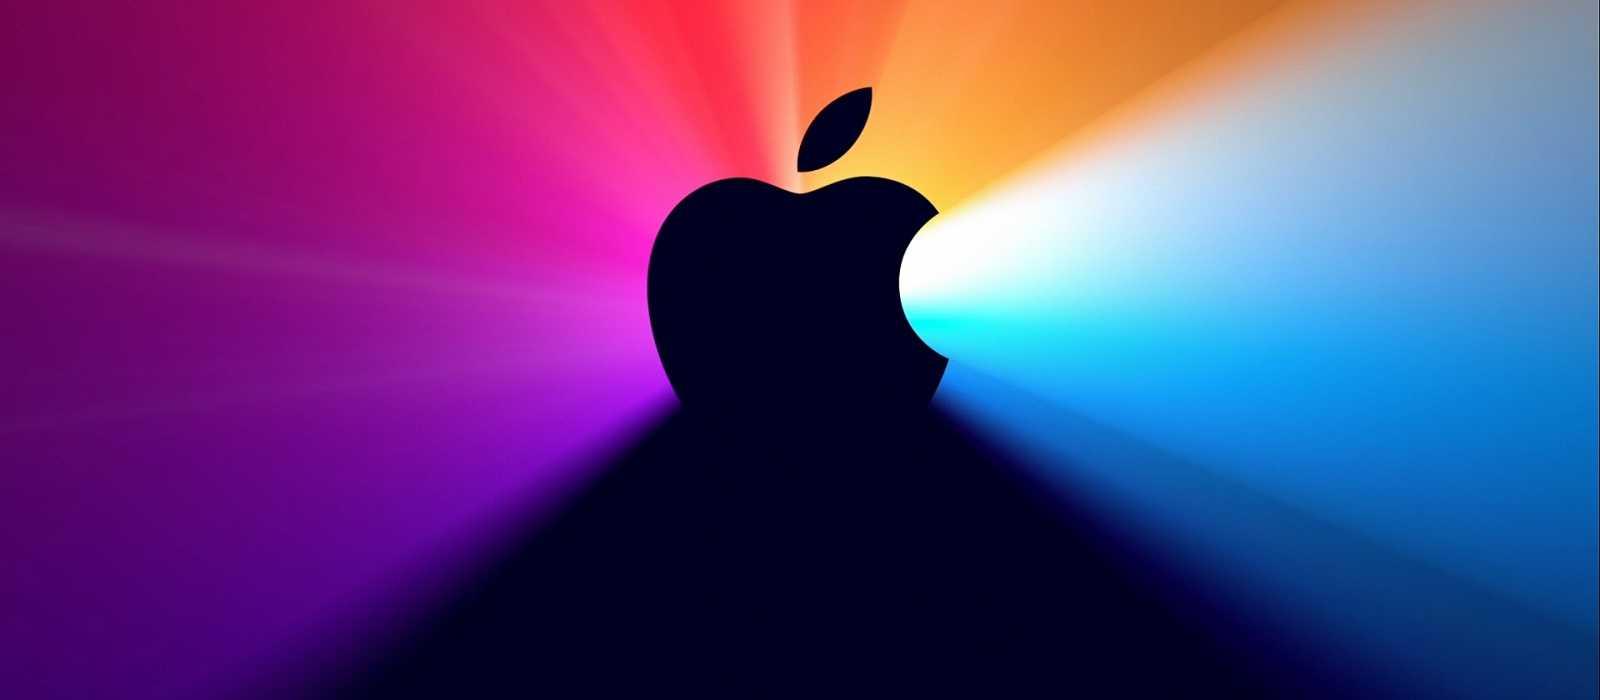 Apple hat das erste MacBook Air mit eigenem Prozessor angekündigt. Es ist leistungsstärker als 98% der Laptops